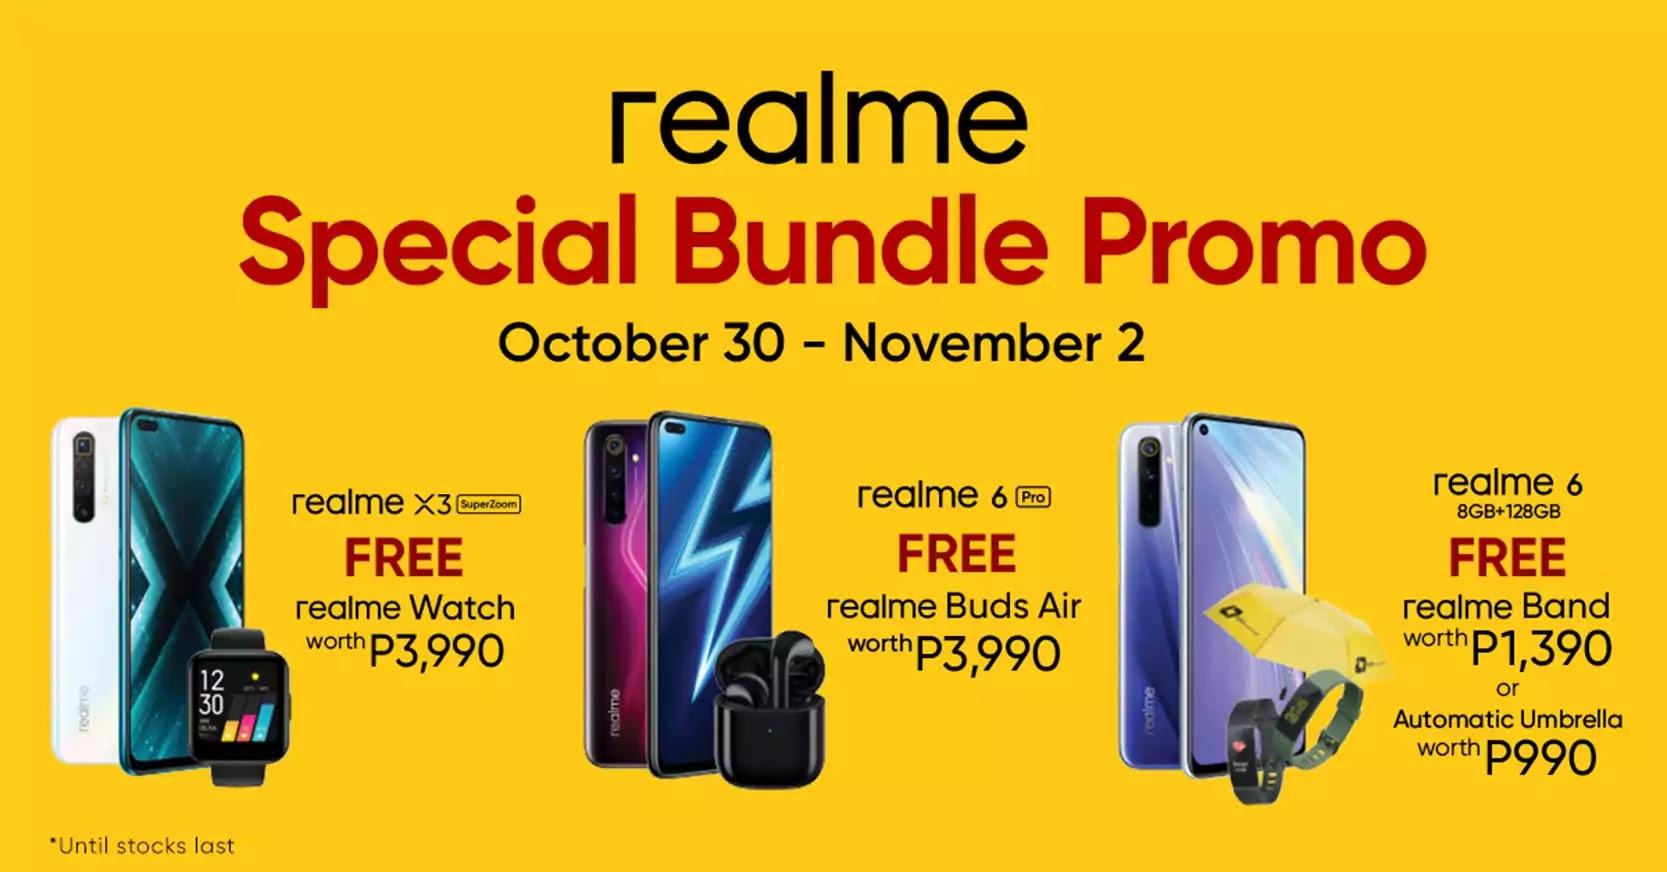 realme Special Bundle promo